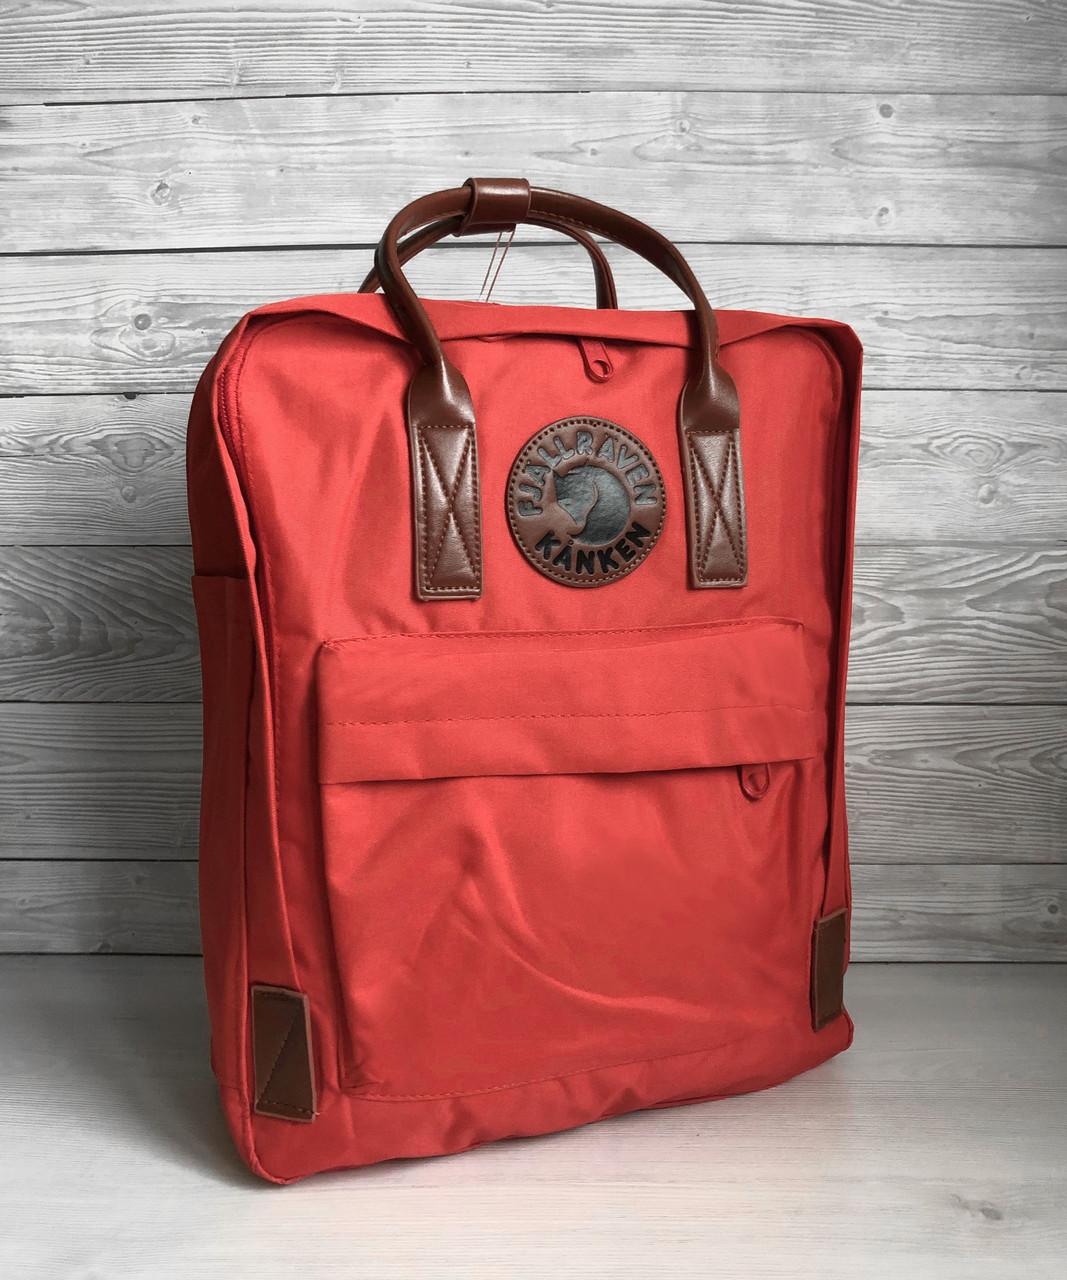 Стильный женский рюкзак-сумка канкен Fjallraven Kanken No.2 красный с коричневыми ручками 16 литров